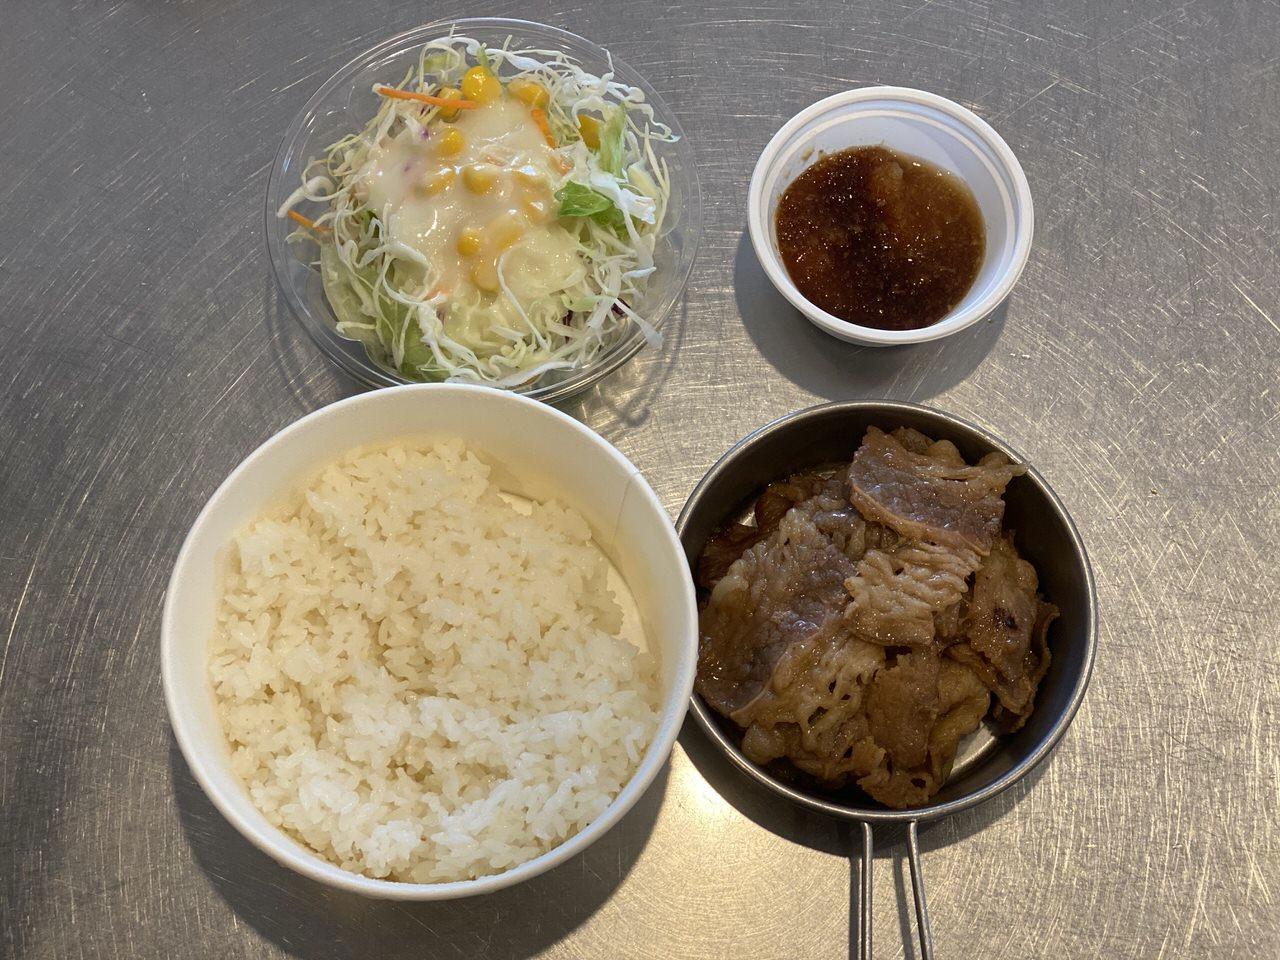 【松屋】カルビ焼肉33%増量は何グラム?6